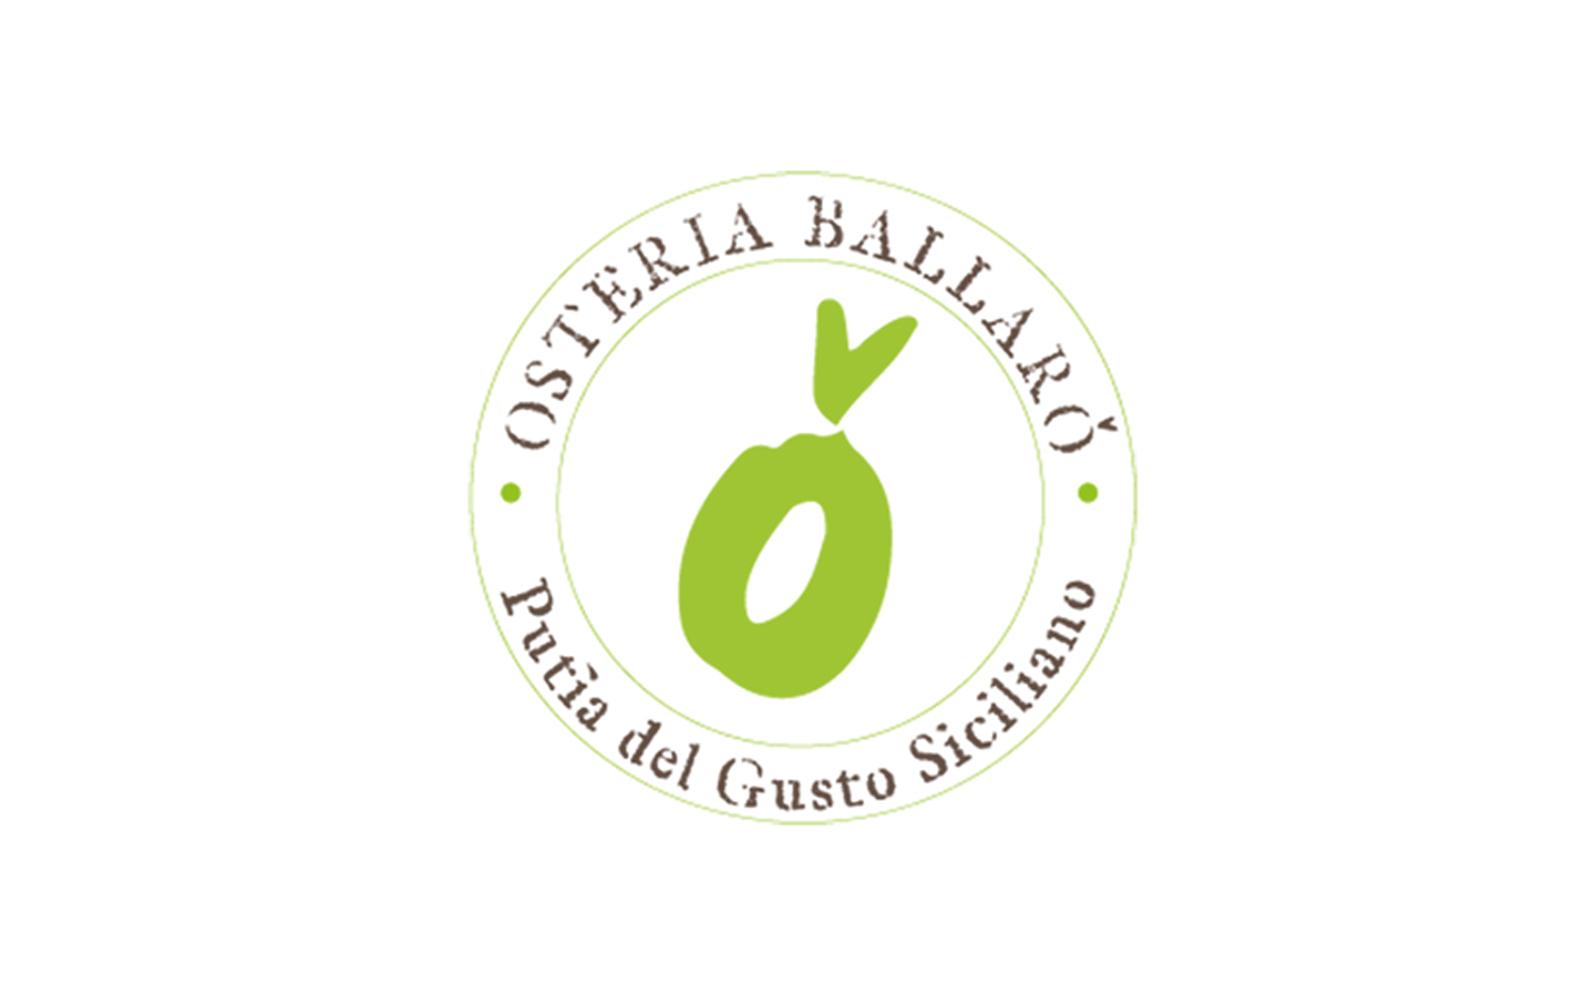 OSTERIA BALLARO'